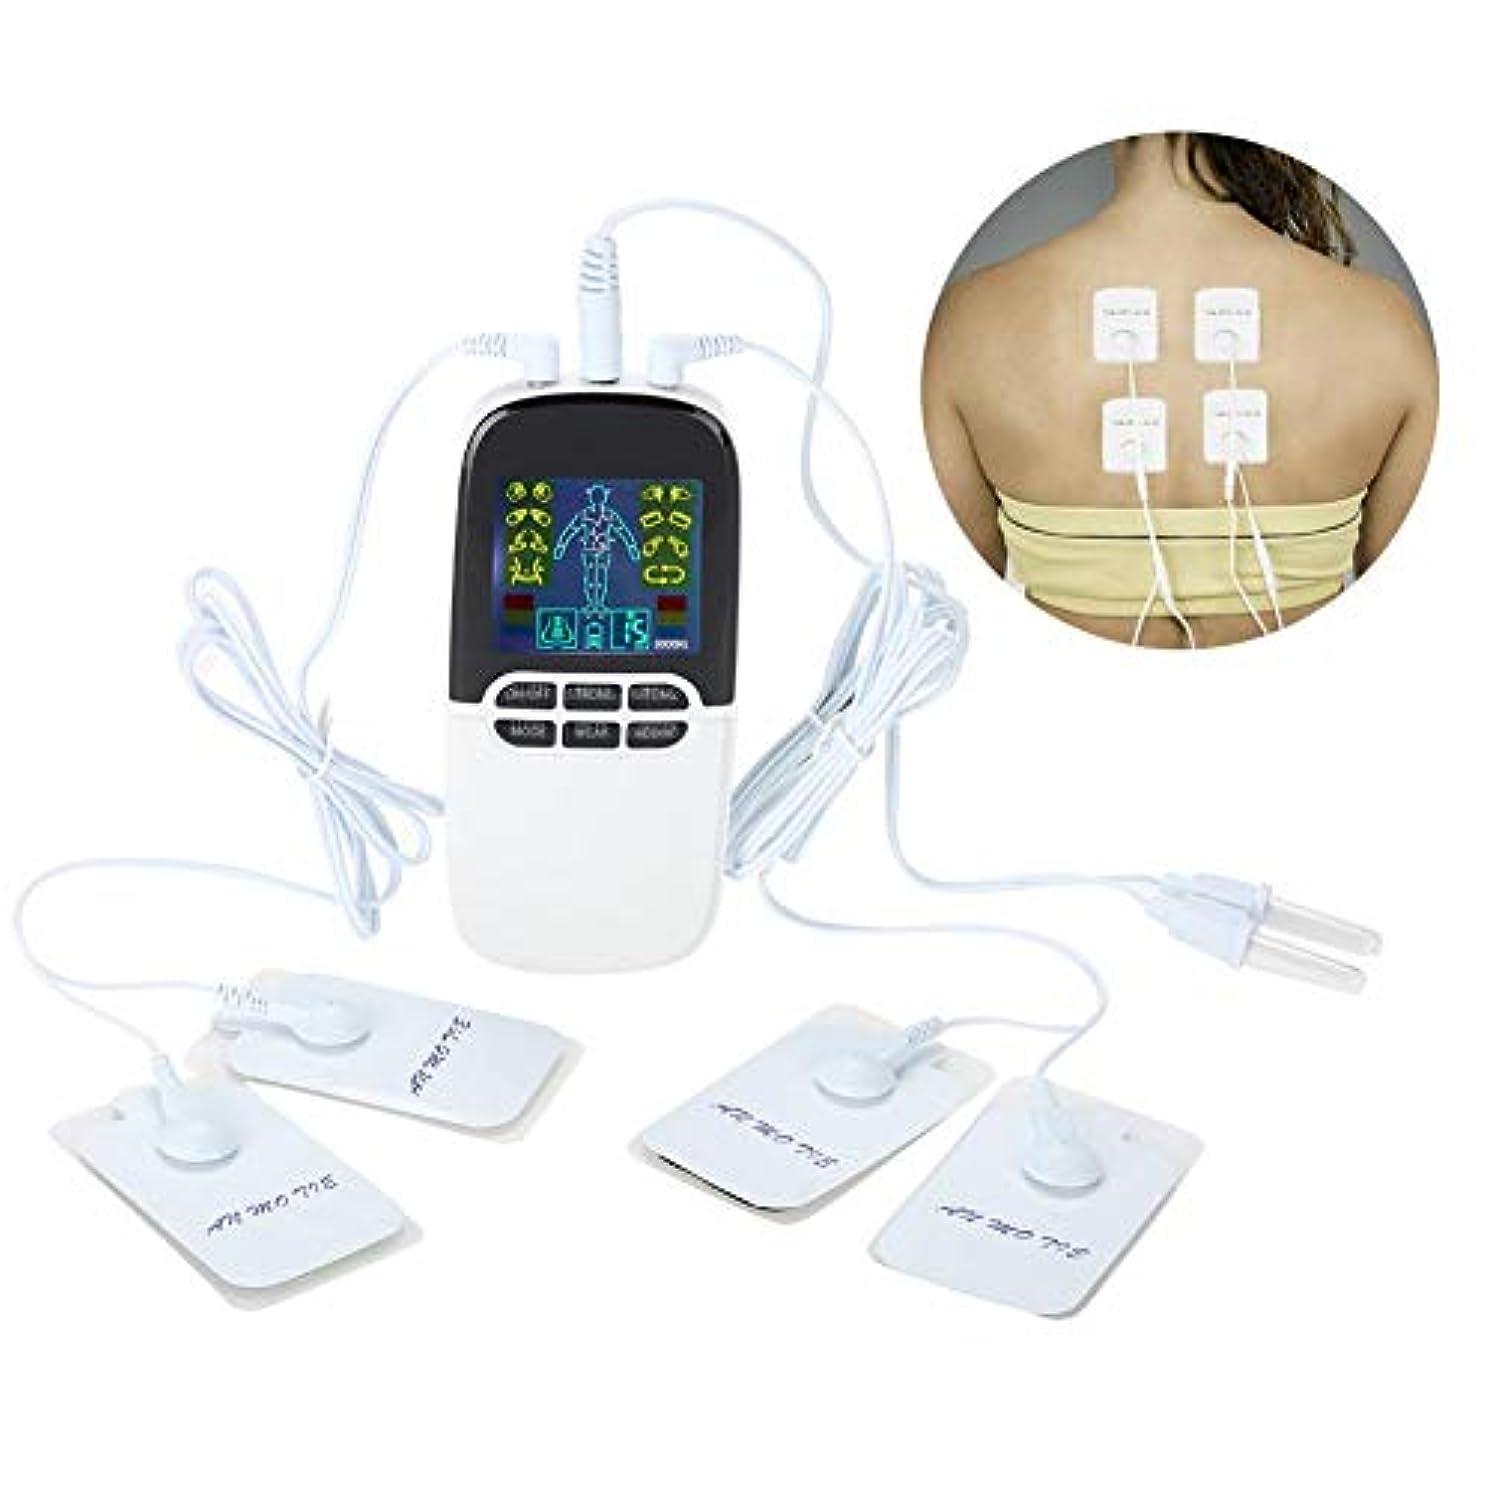 最終ビーチ合計携帯用子午線のマッサージャー、電子筋肉はヘルパーボディ痛みの軽減のデジタル脈拍装置ヘルスケア用具を緩めます